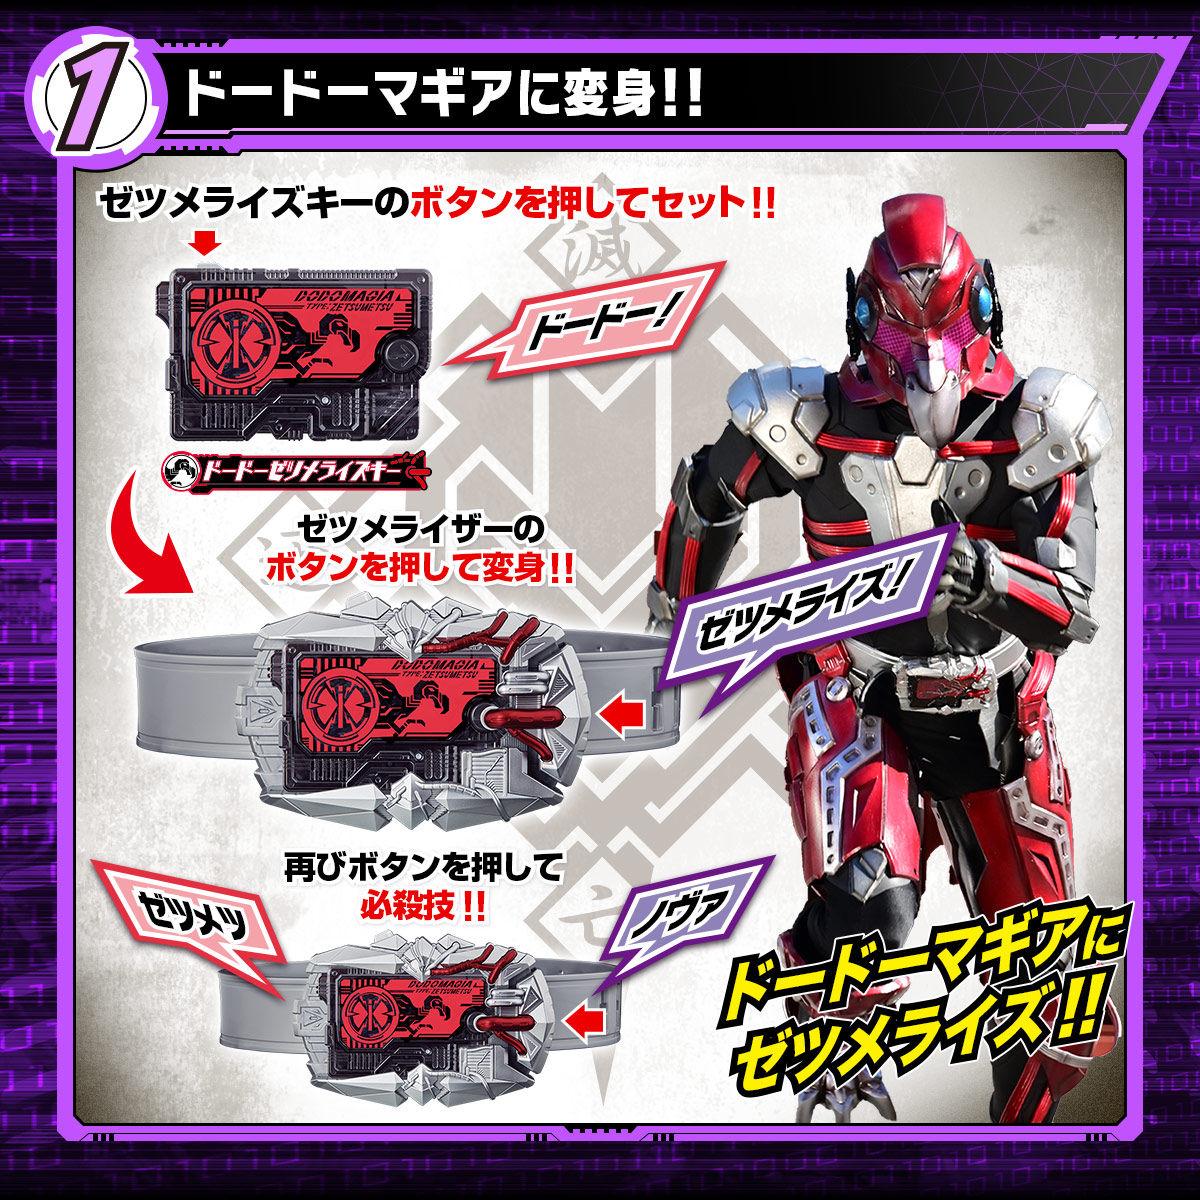 【限定販売】仮面ライダーゼロワン『DXゼツメライザー』変身ベルト-003